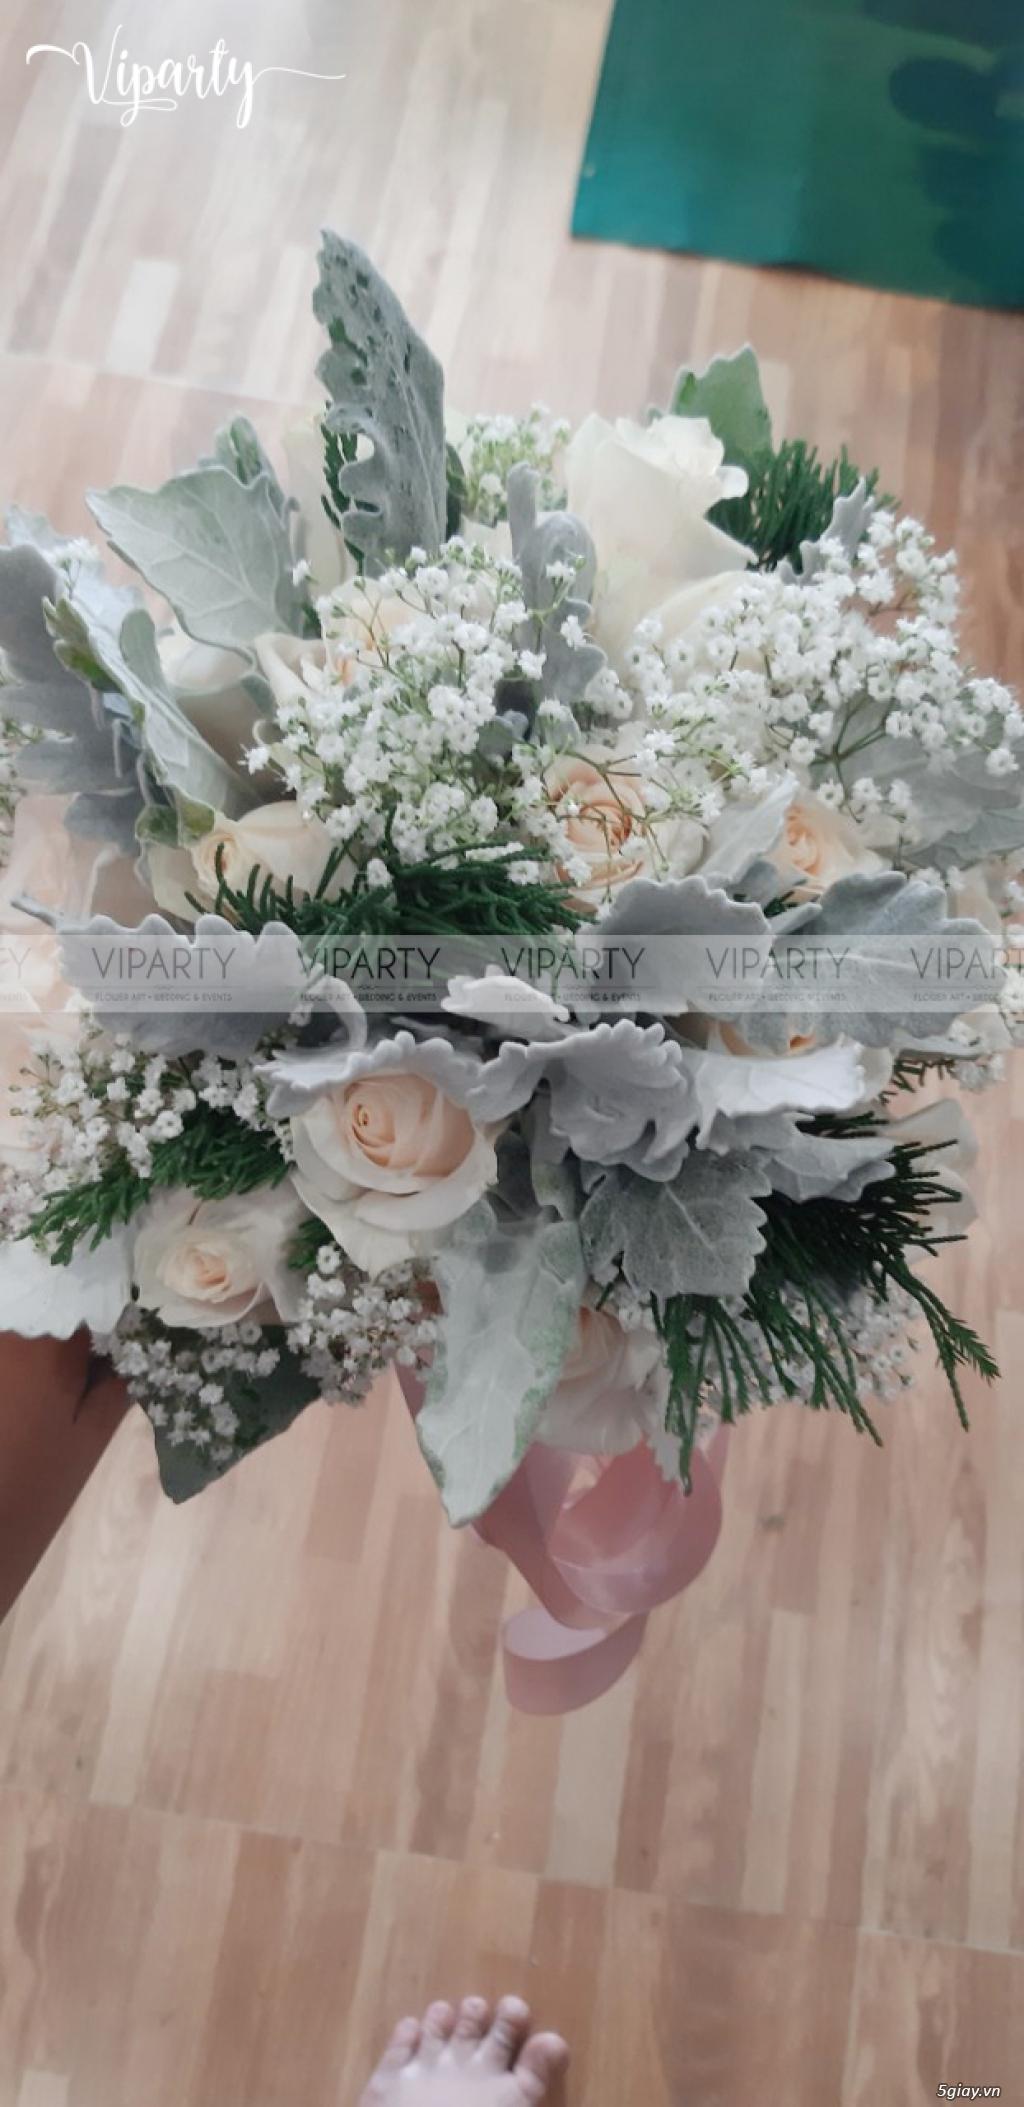 Chuyên cung cấp: Hoa cầm tay Cô Dâu & Hoa Sự Kiện : Wedding & Events - 17